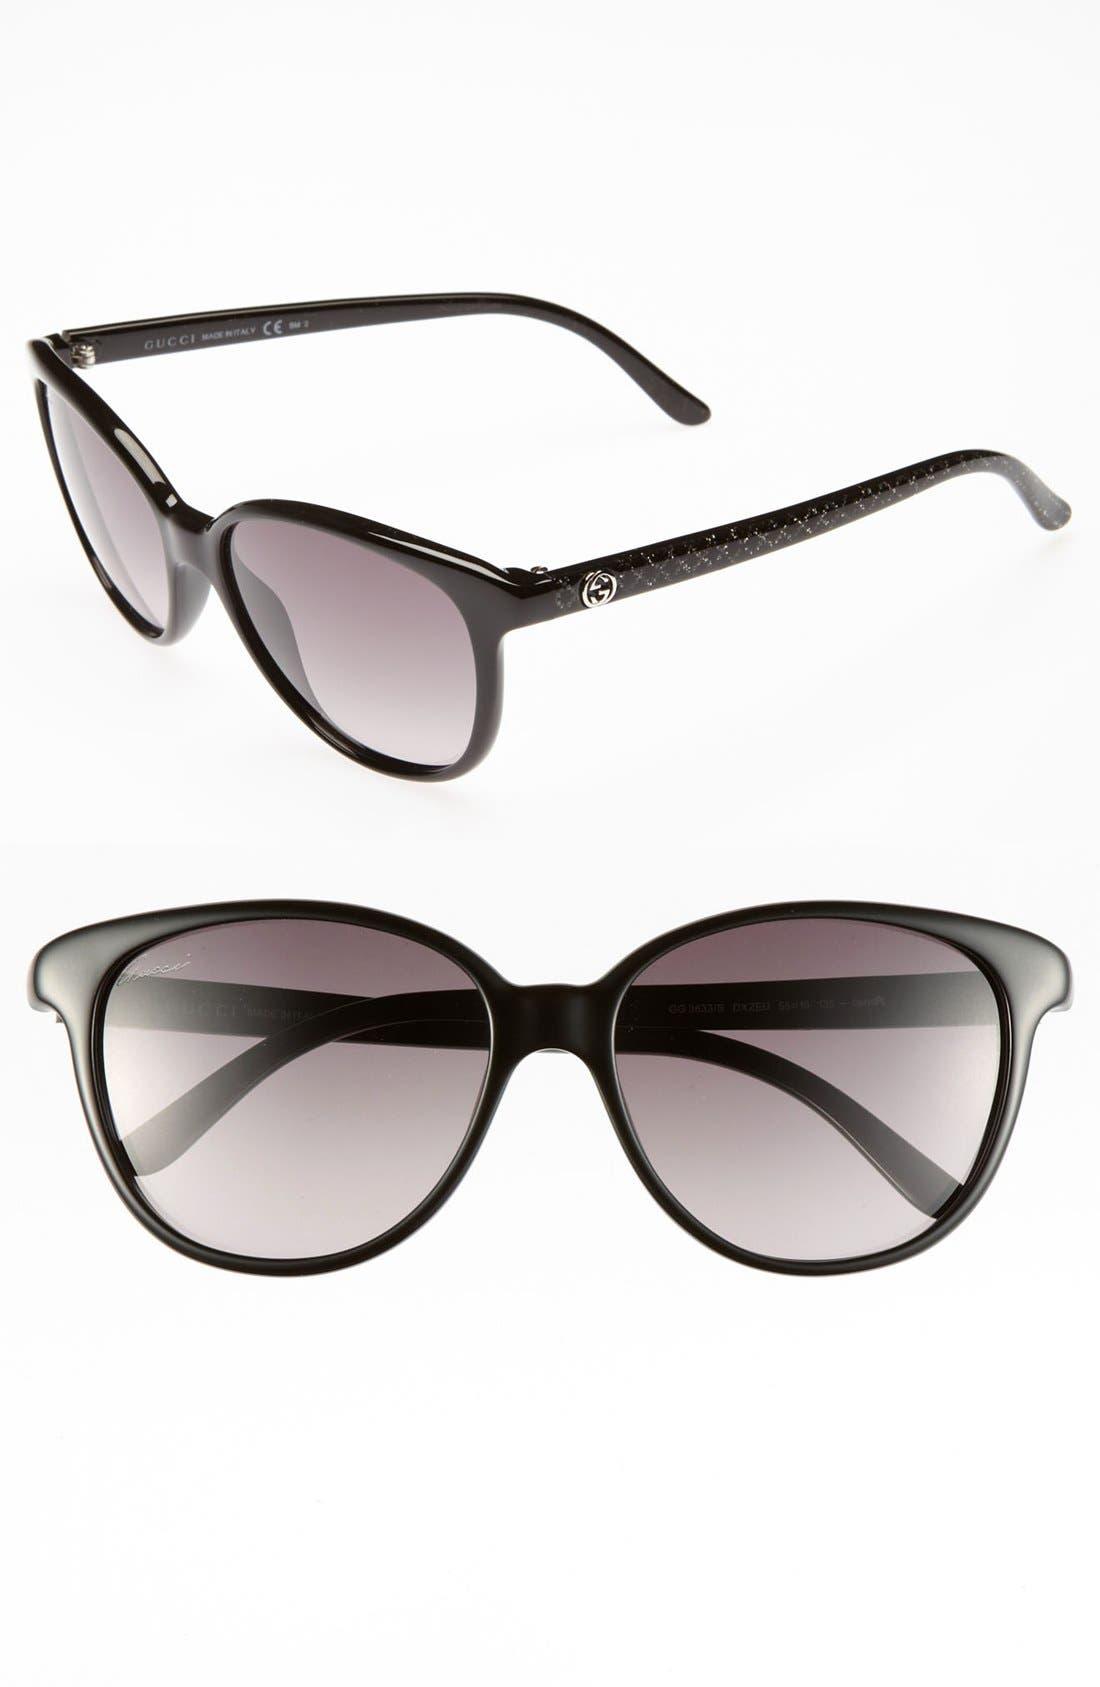 Main Image - Gucci 55mm Retro Sunglasses